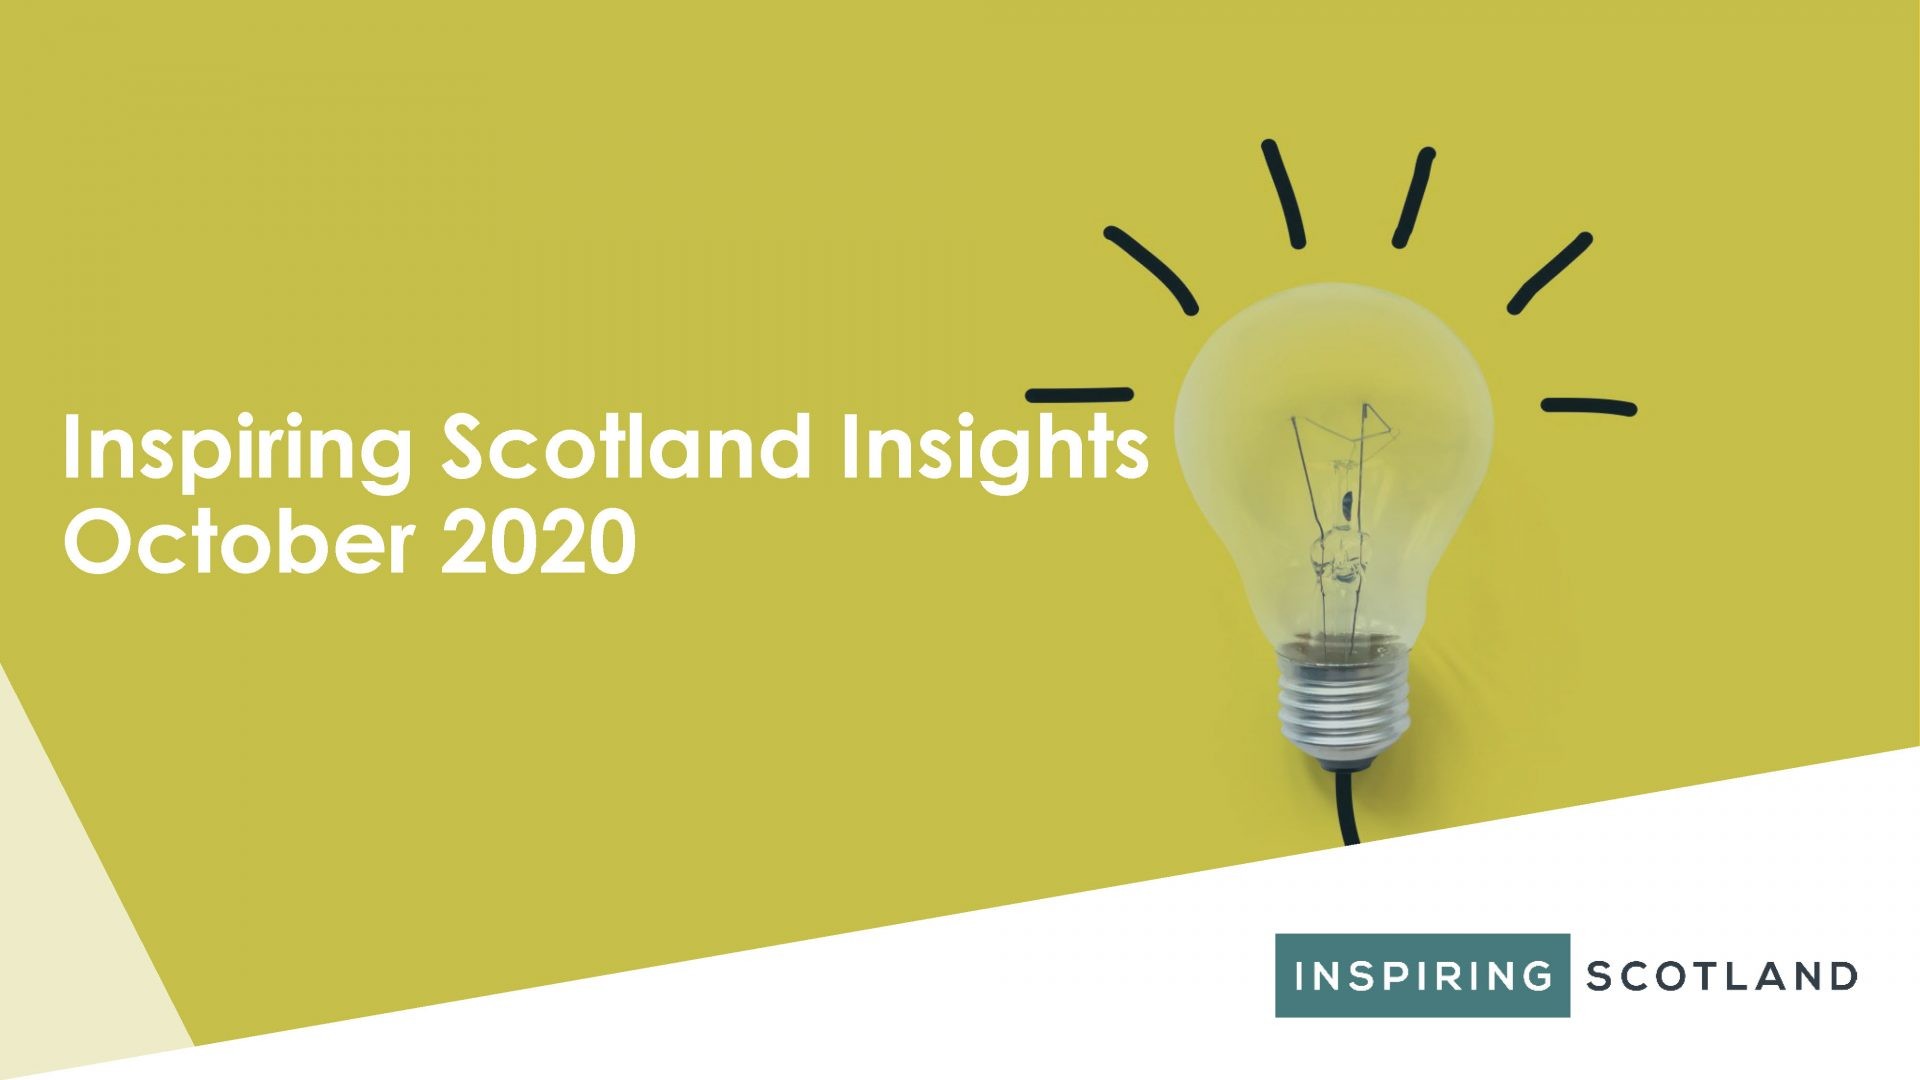 Inspiring Scotland Insights October 2020